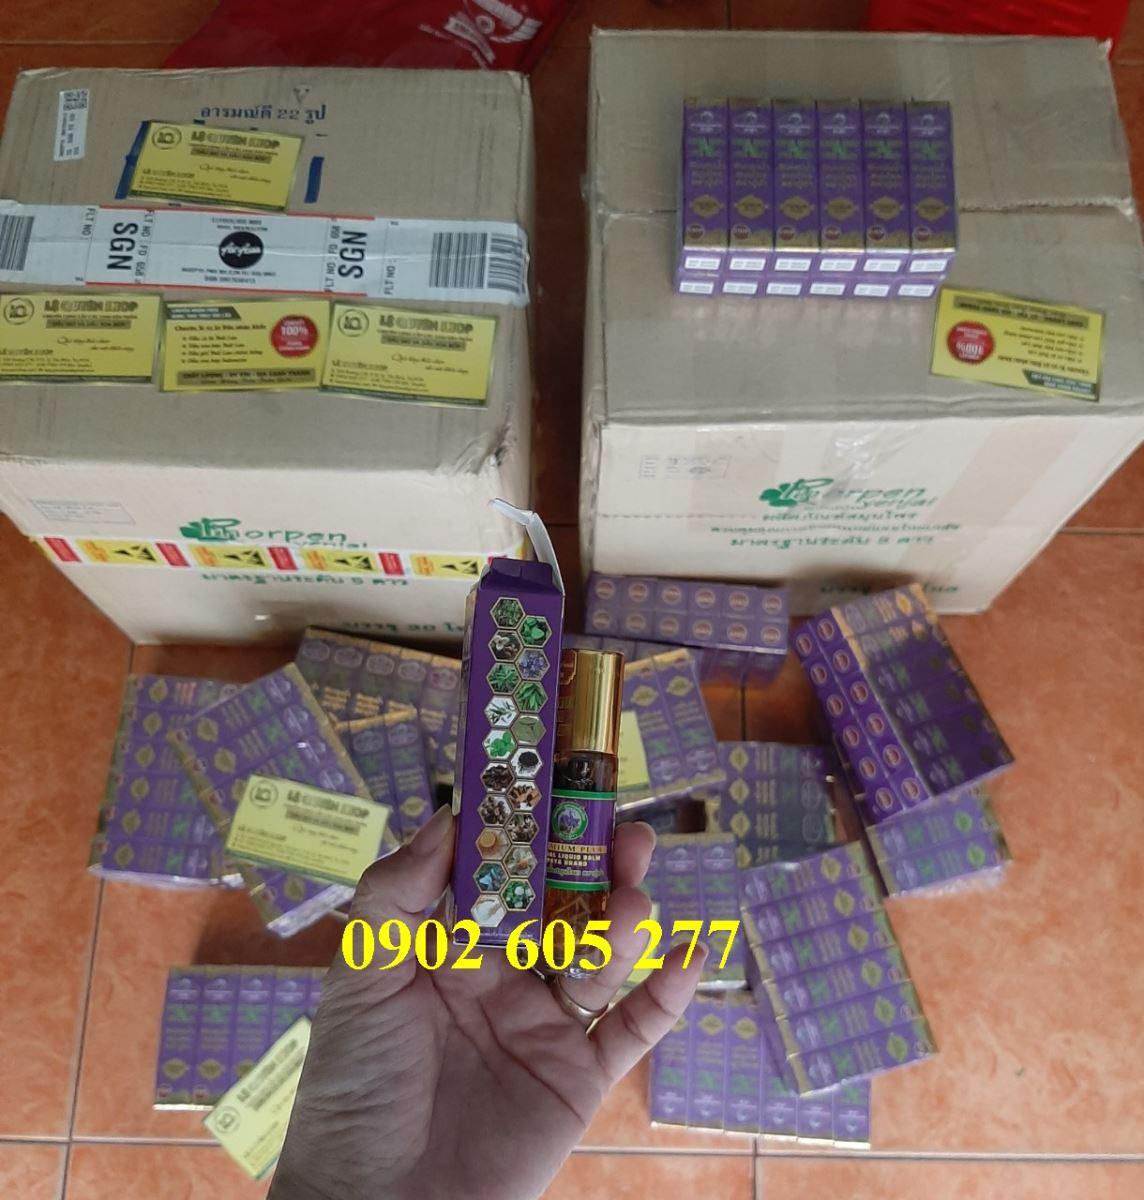 Phân phối Dầu gió thảo dược 19 vị Thái Lan tại Bạc Liêu